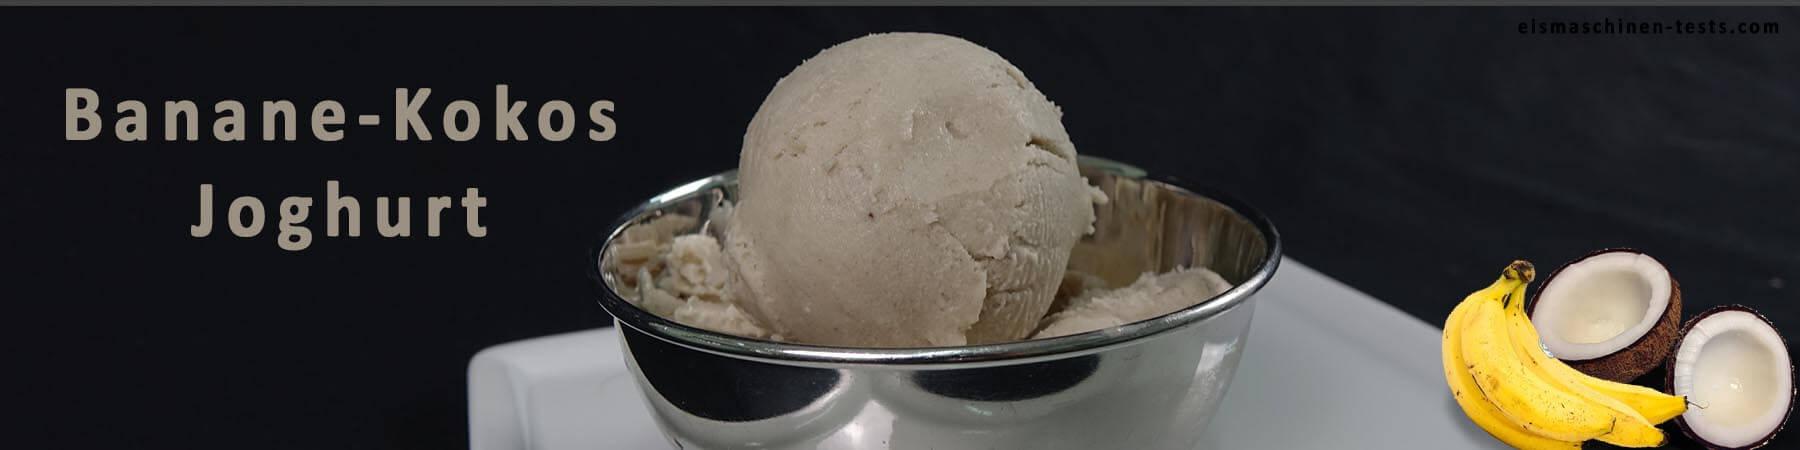 Bananen-Kokos-Joghurt selber machen - eismaschinen-tests.com - Slider